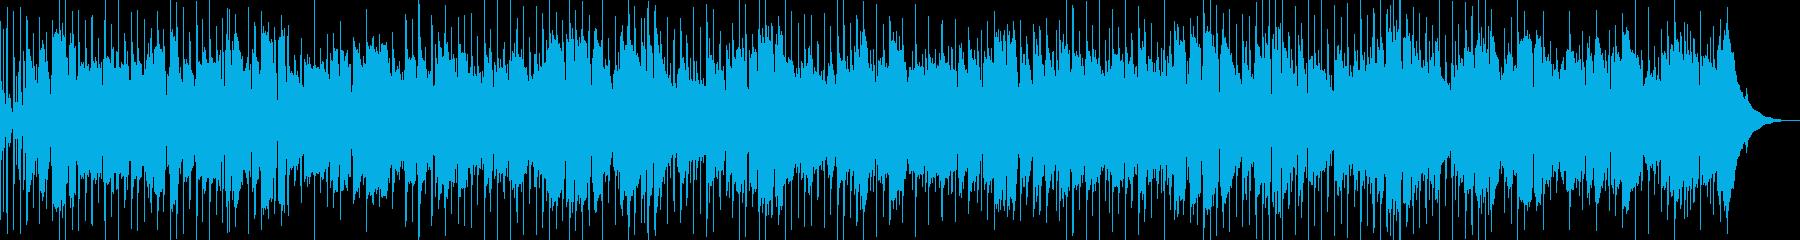 陽気なカントリー調軽快BGMの再生済みの波形